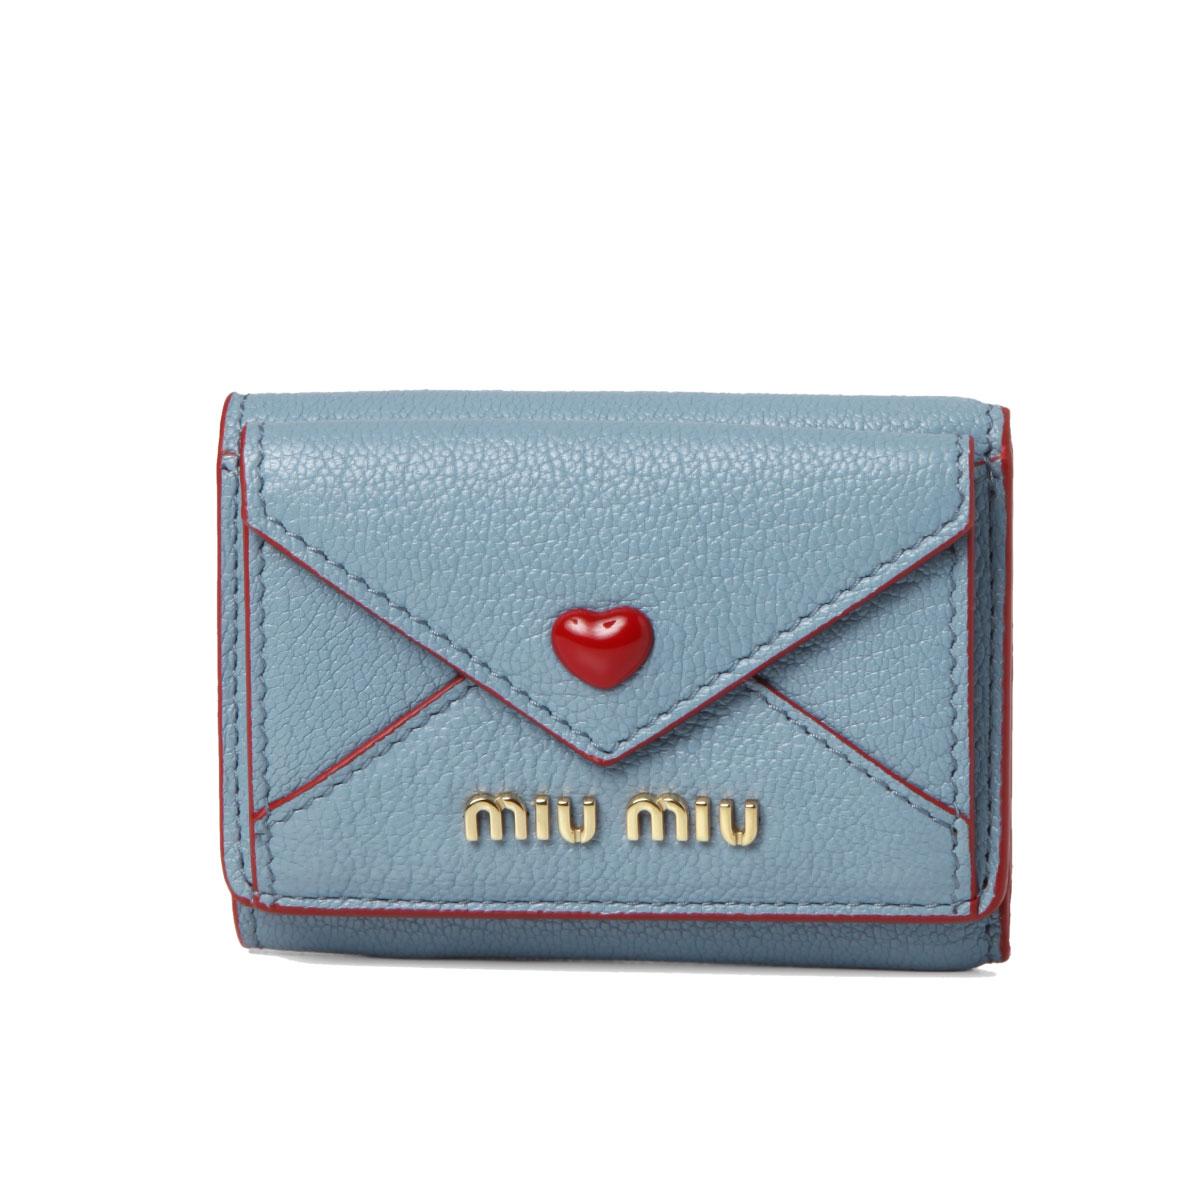 ミュウ ミュウ MIU MIU 財布 レディース 5MH021 2BC3 F0637 三つ折り財布 MADRAS LOVE ASTRALE ブルー